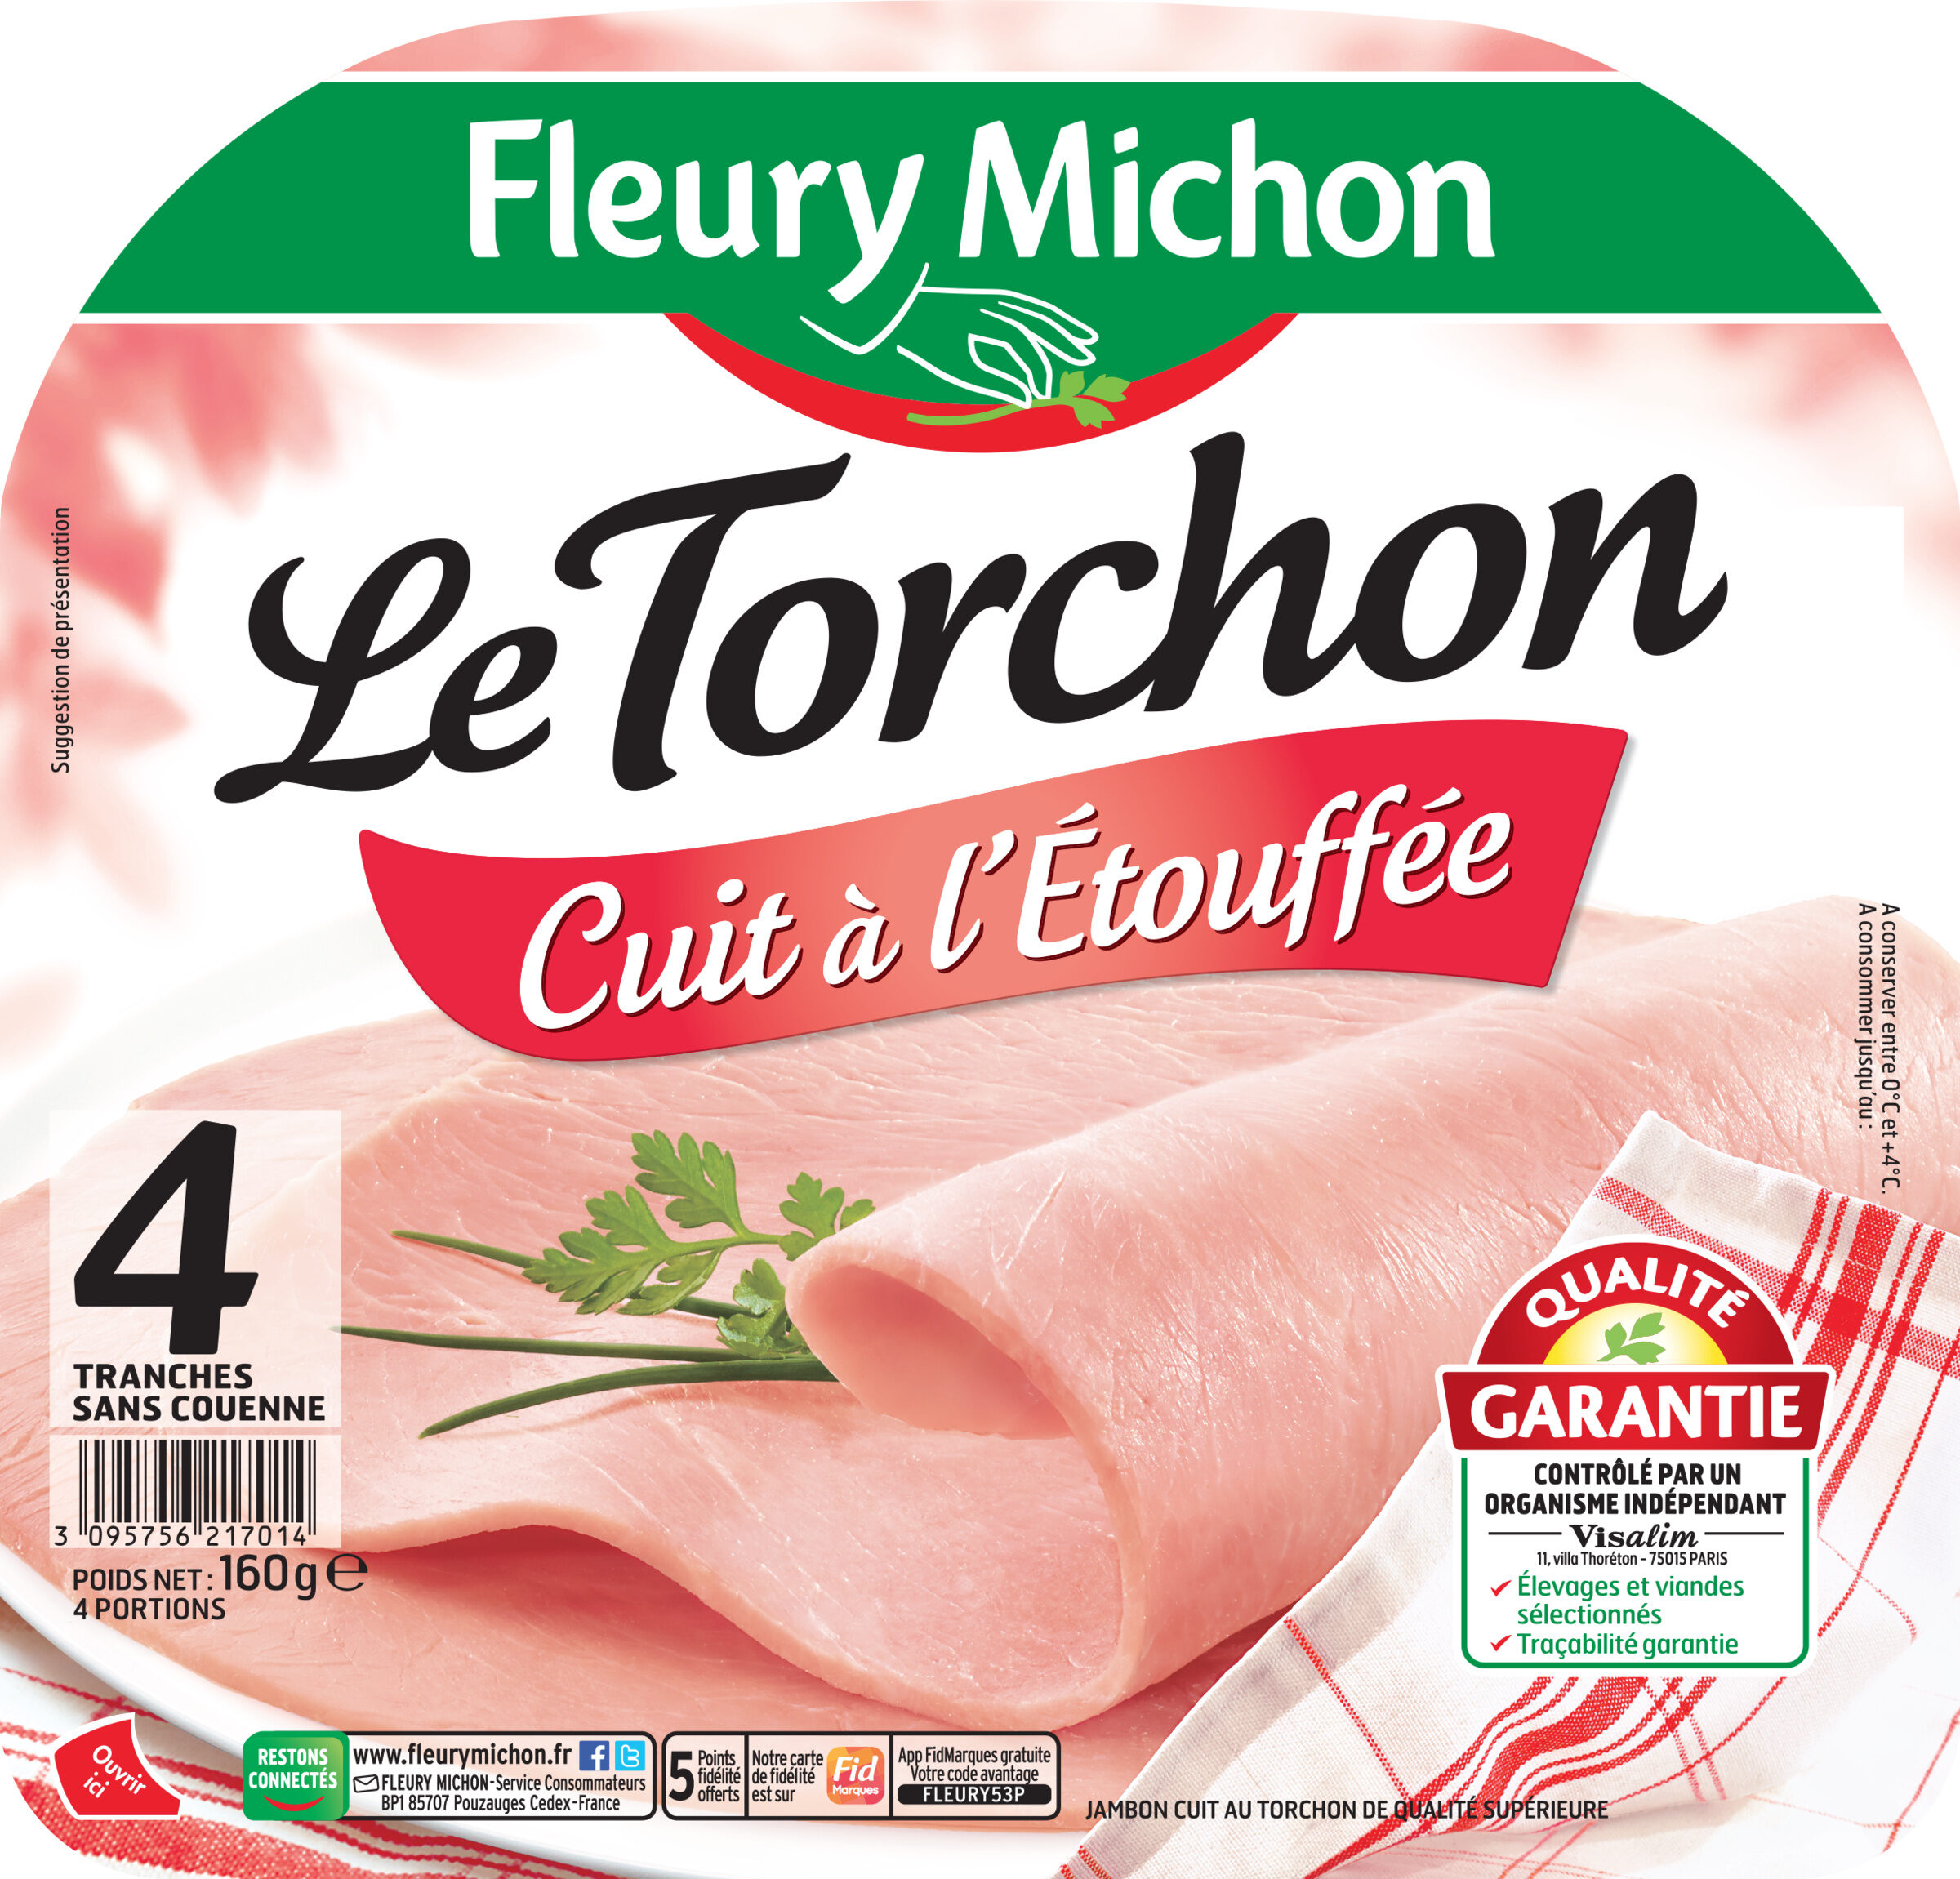 Le torchon Cuit à l'étouffée - 4tr. - Produit - fr